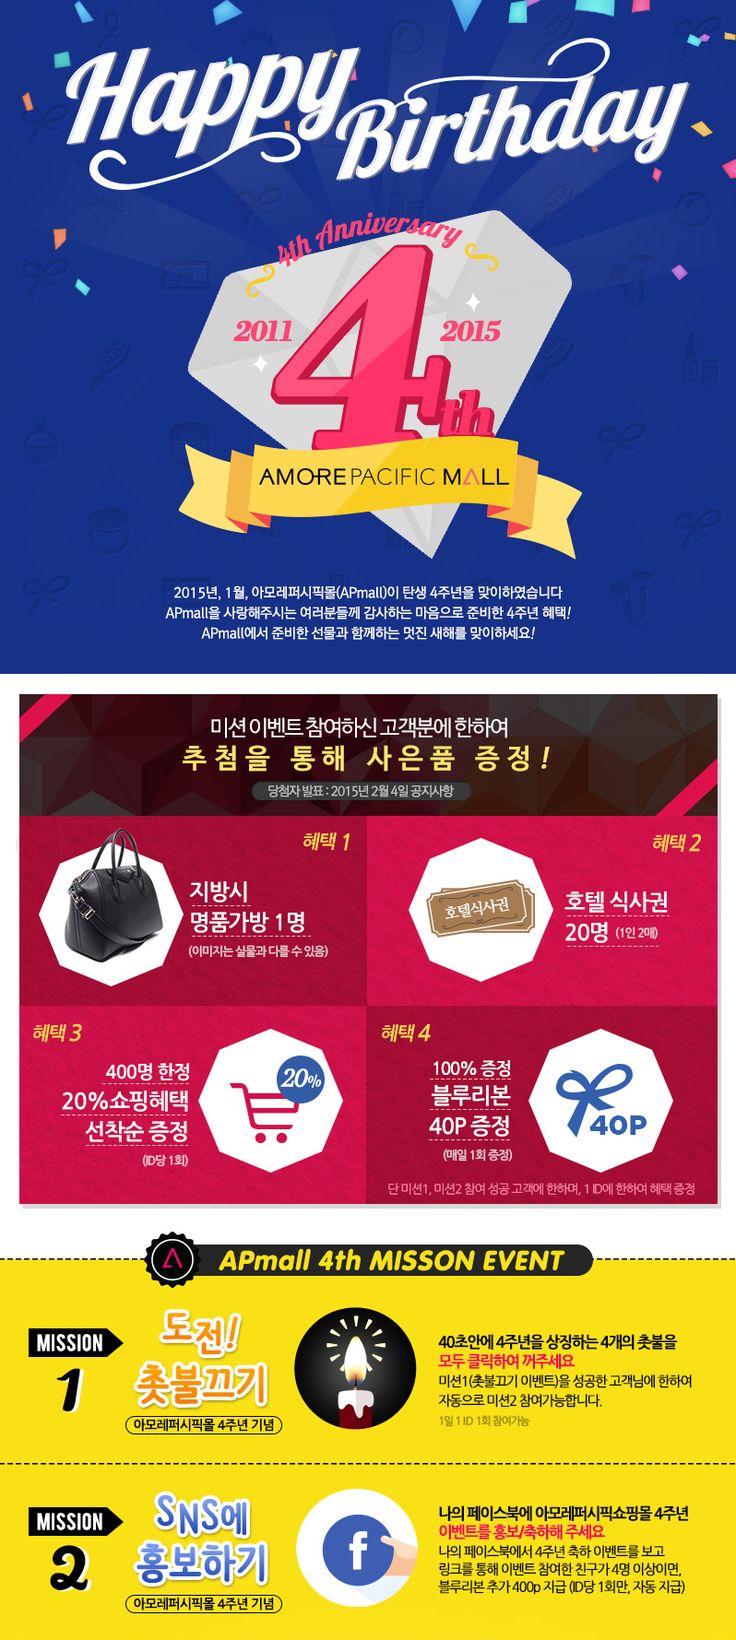 아모레퍼시픽몰 탄생 4주년 이벤트 – 아모레퍼시픽 쇼핑몰